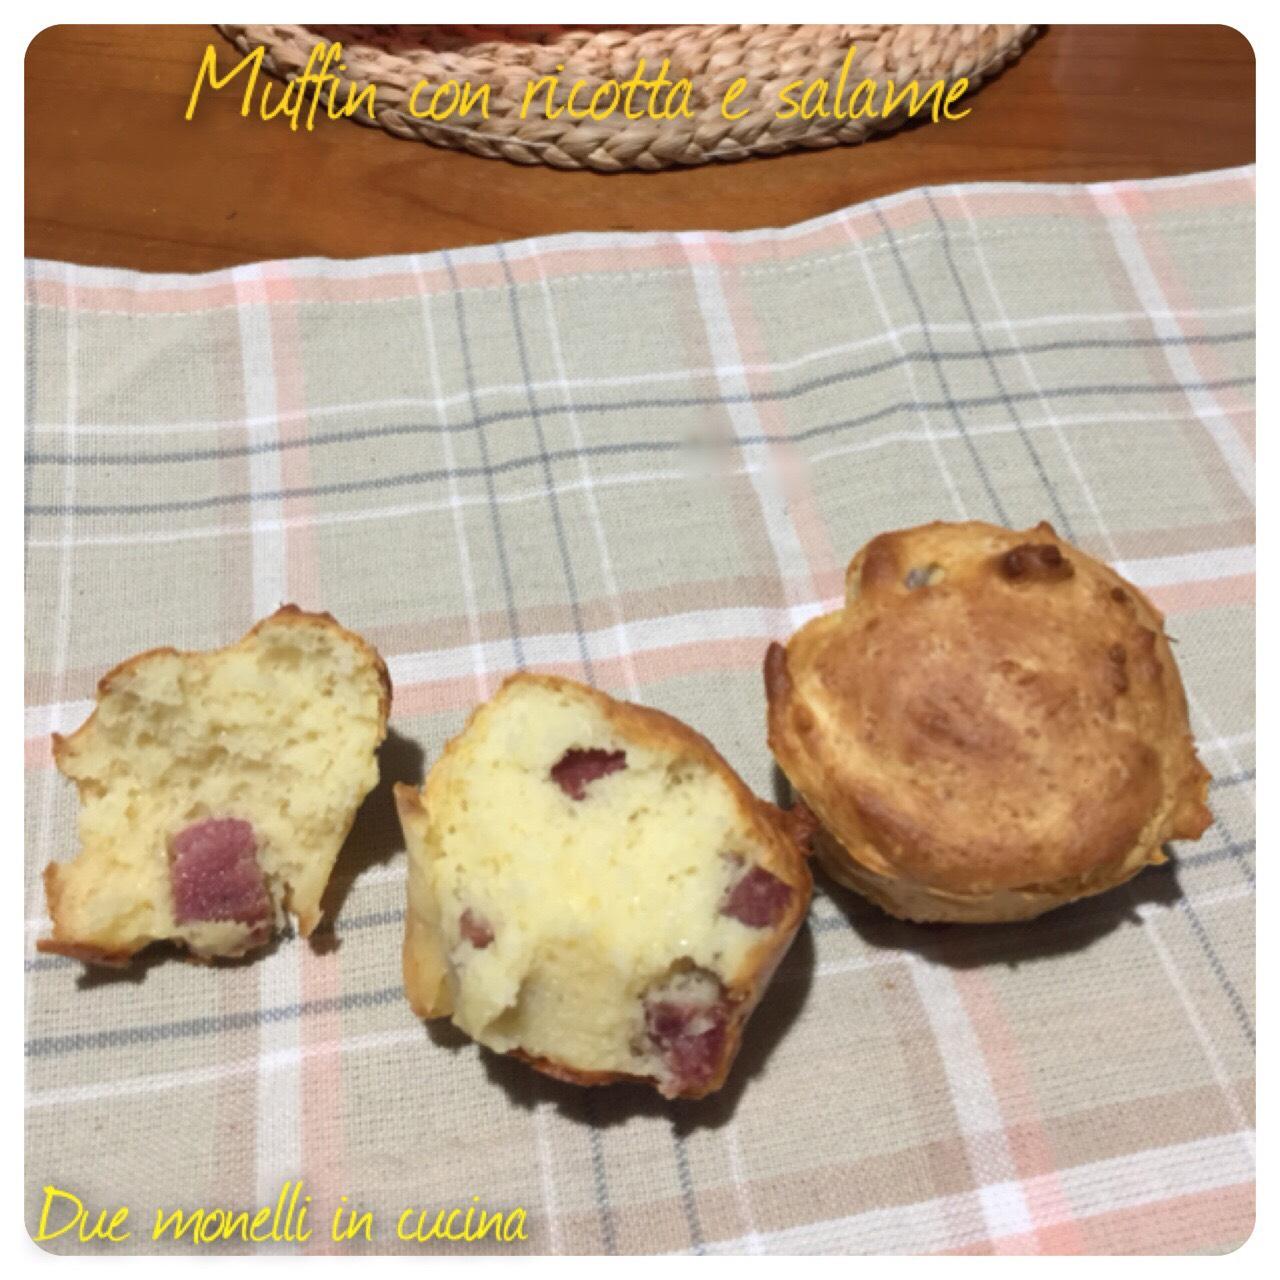 Muffin con ricotta e salame